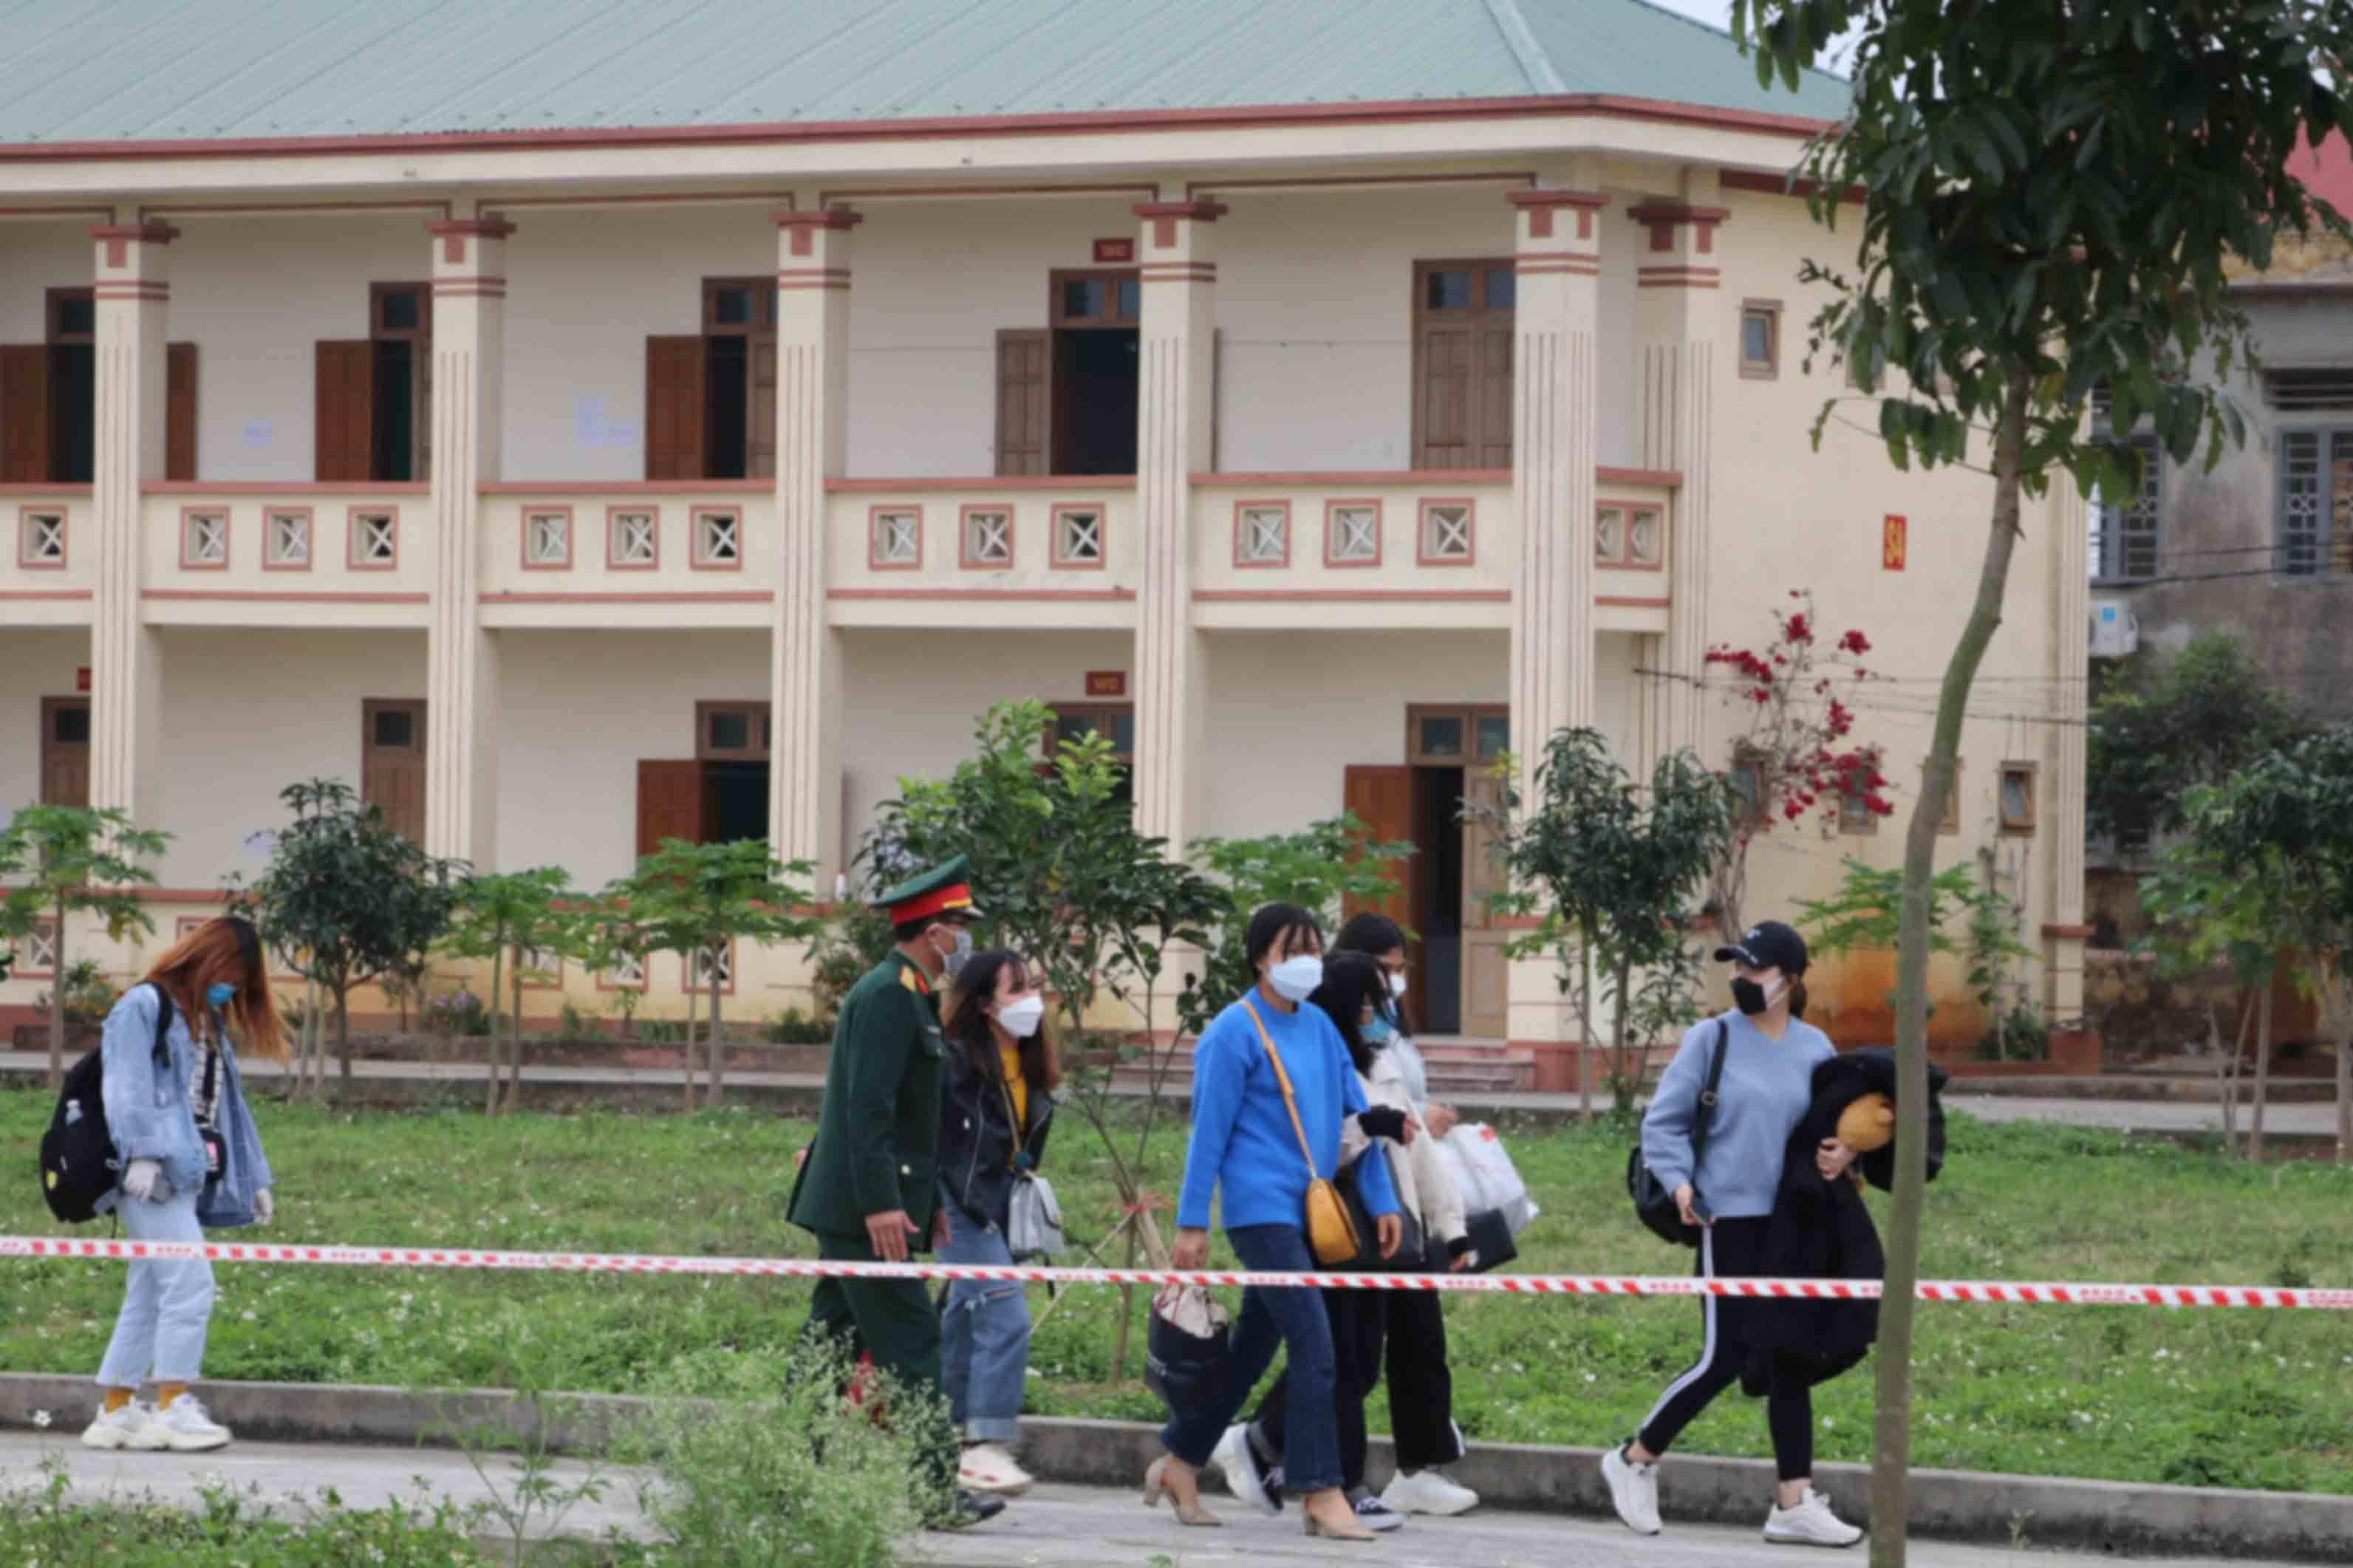 Lần đầu tiên gần 200 người về từ Hàn Quốc được cách ly ở Ninh Bình